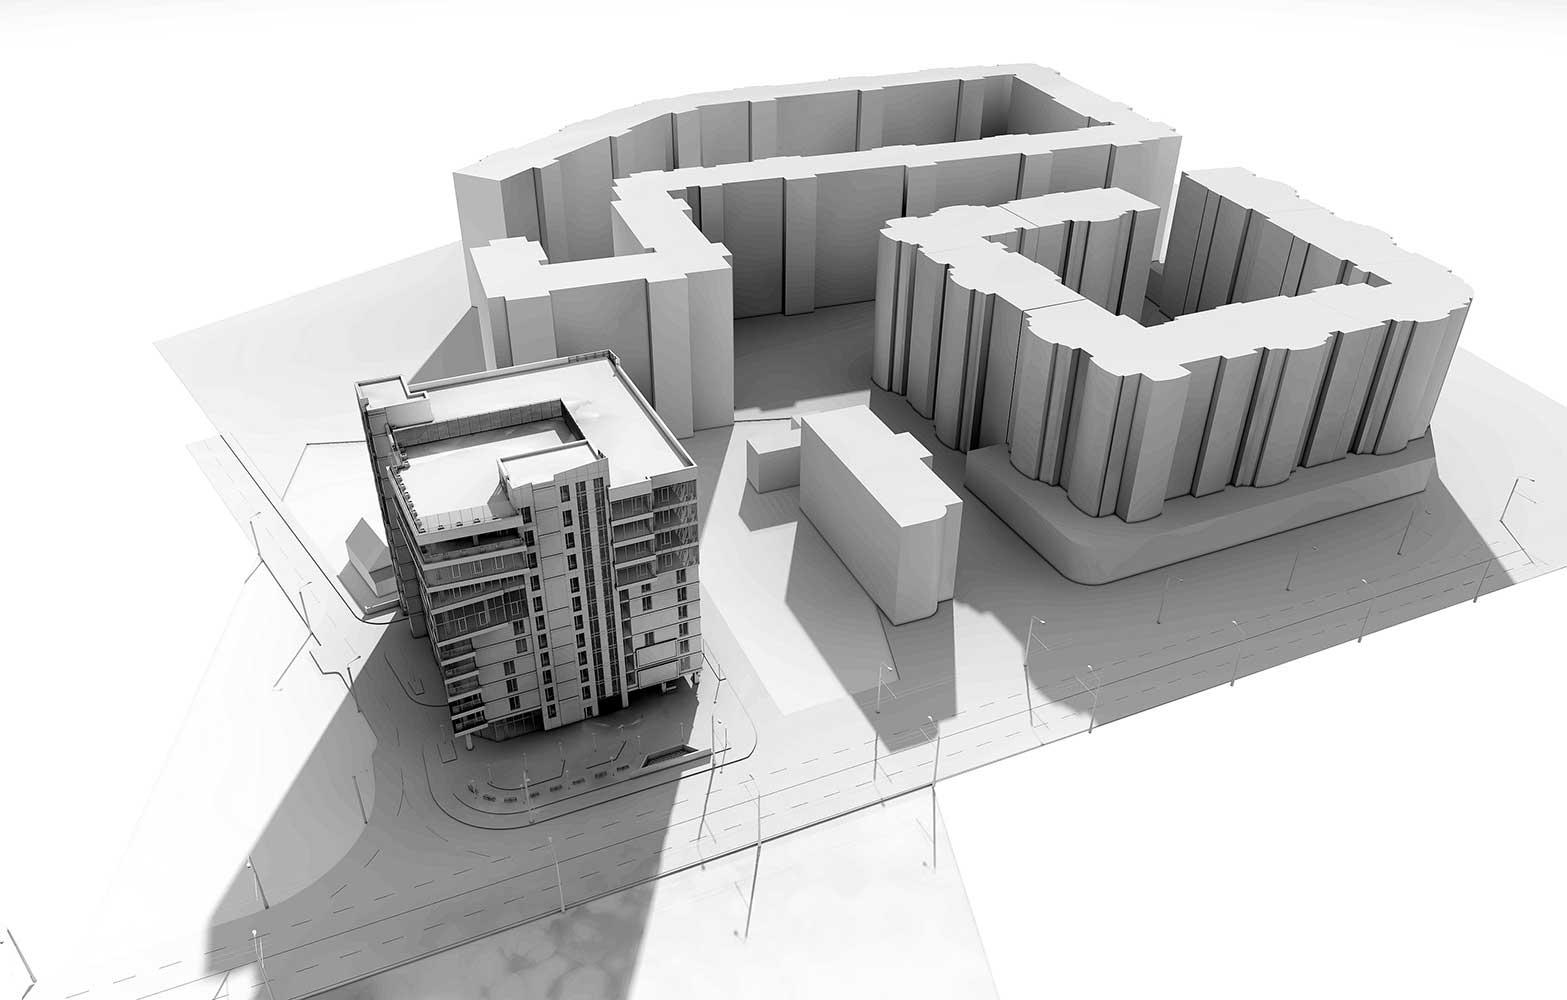 Многоэтажный торгово-бытовой комплекс с помещениями общественного назначения и паркинга (фото 13)